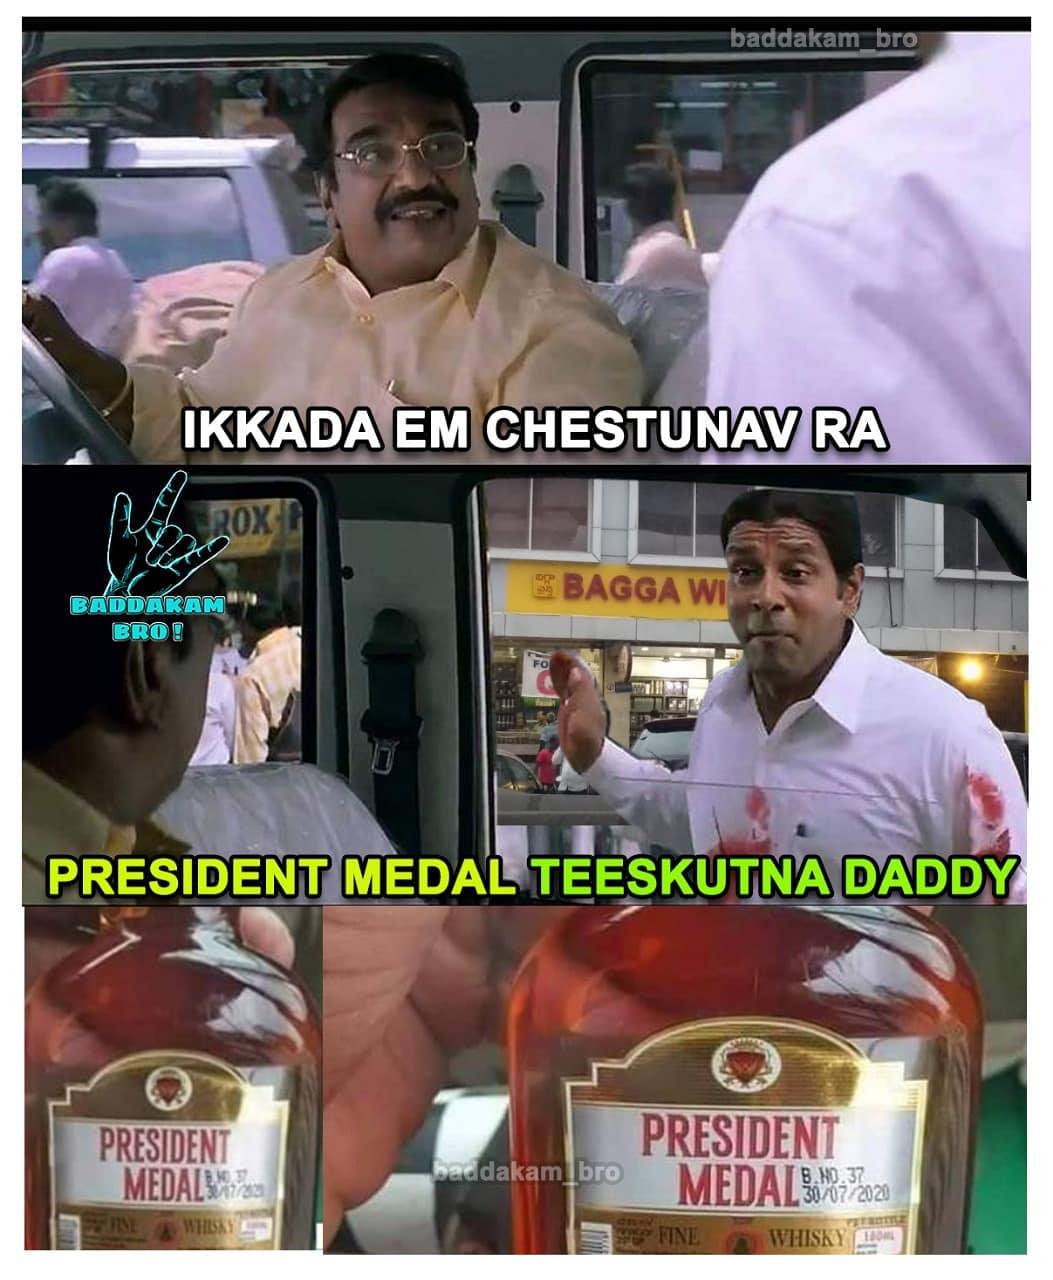 5. President Medal Memes